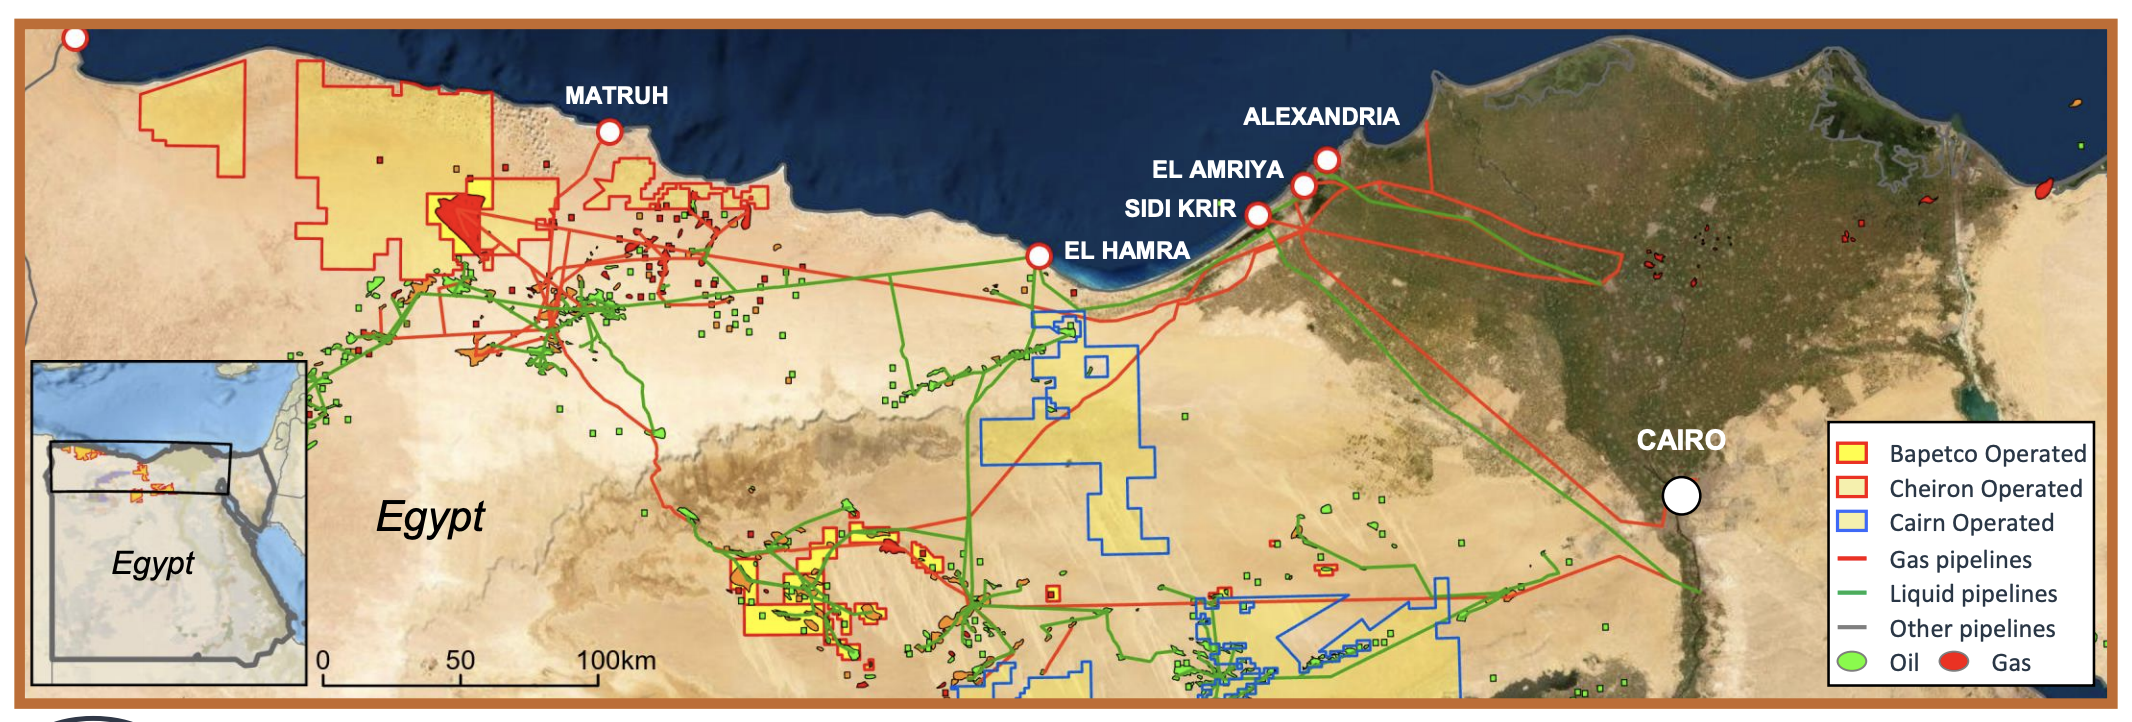 نقشه دارایی های مصر خشکی (منبع: Cairn Energy Plc Investor Presentation)